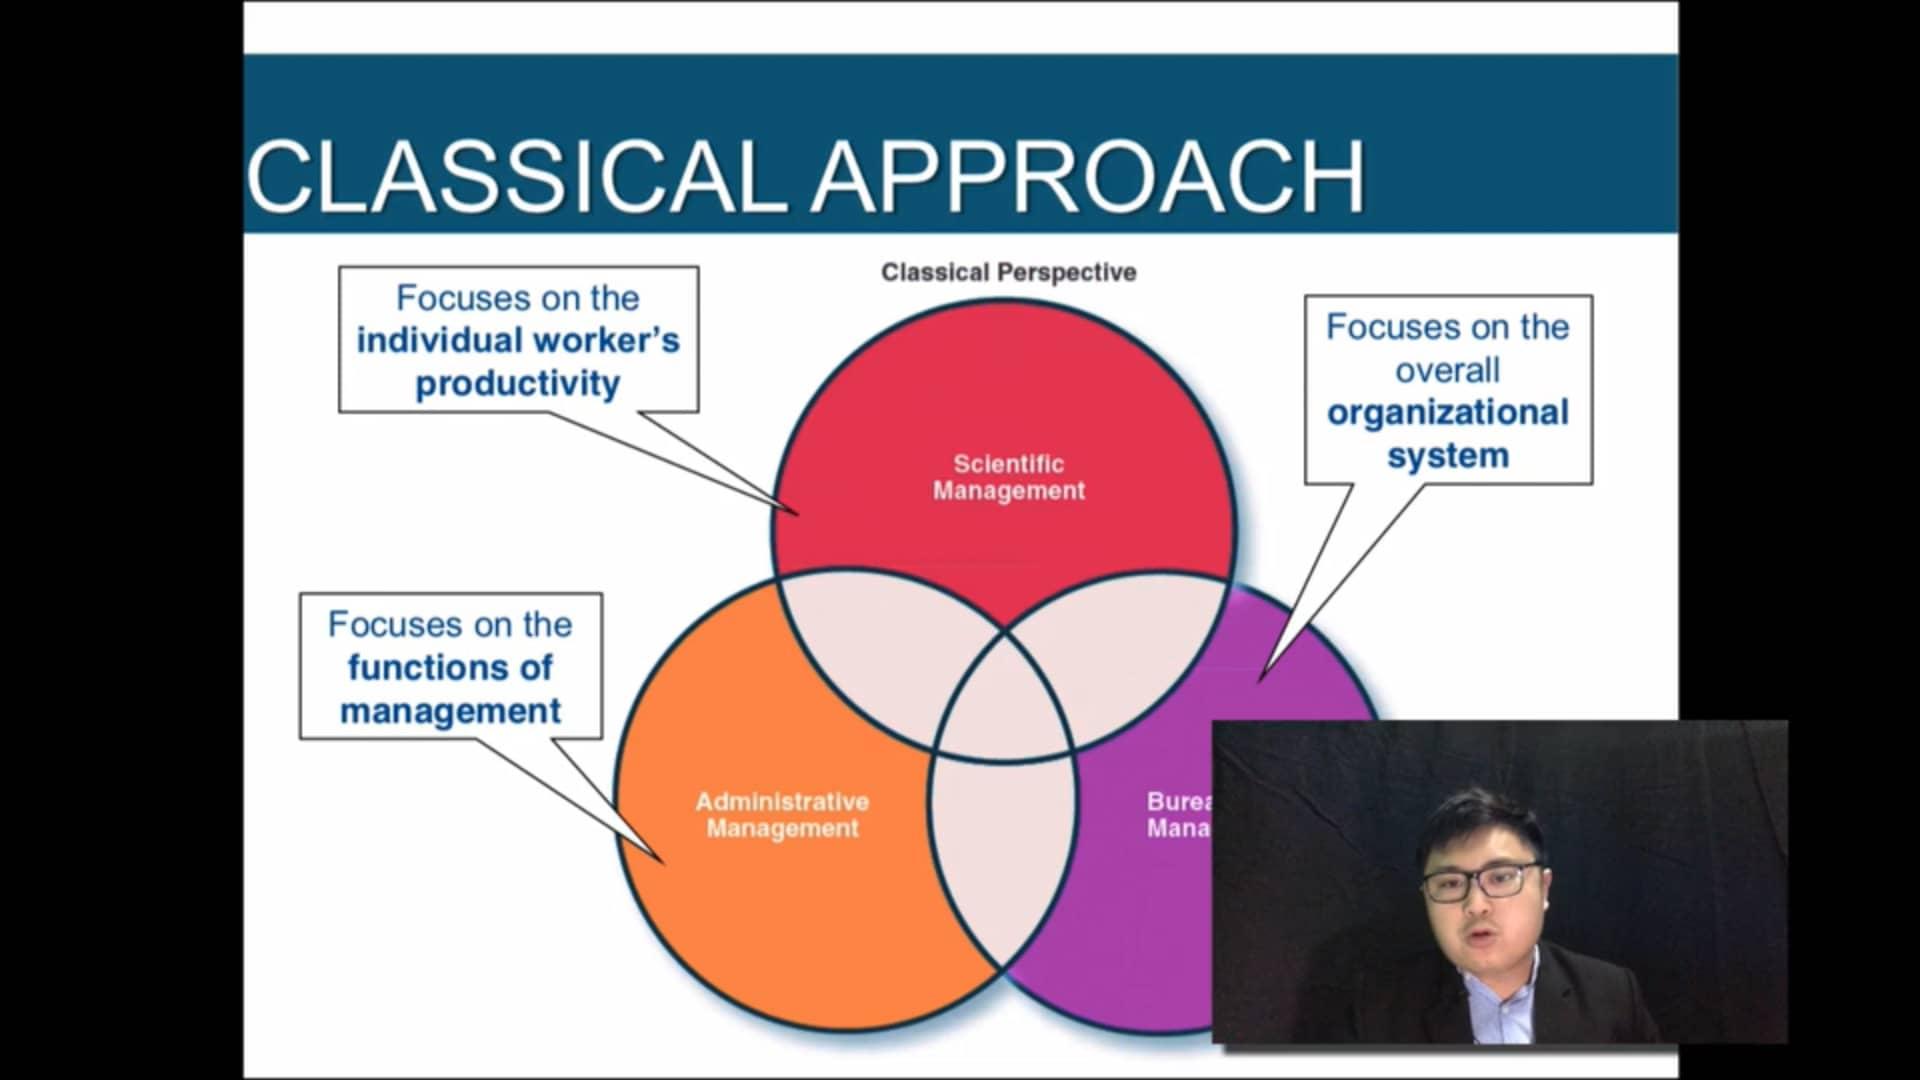 Scientific management OB 09